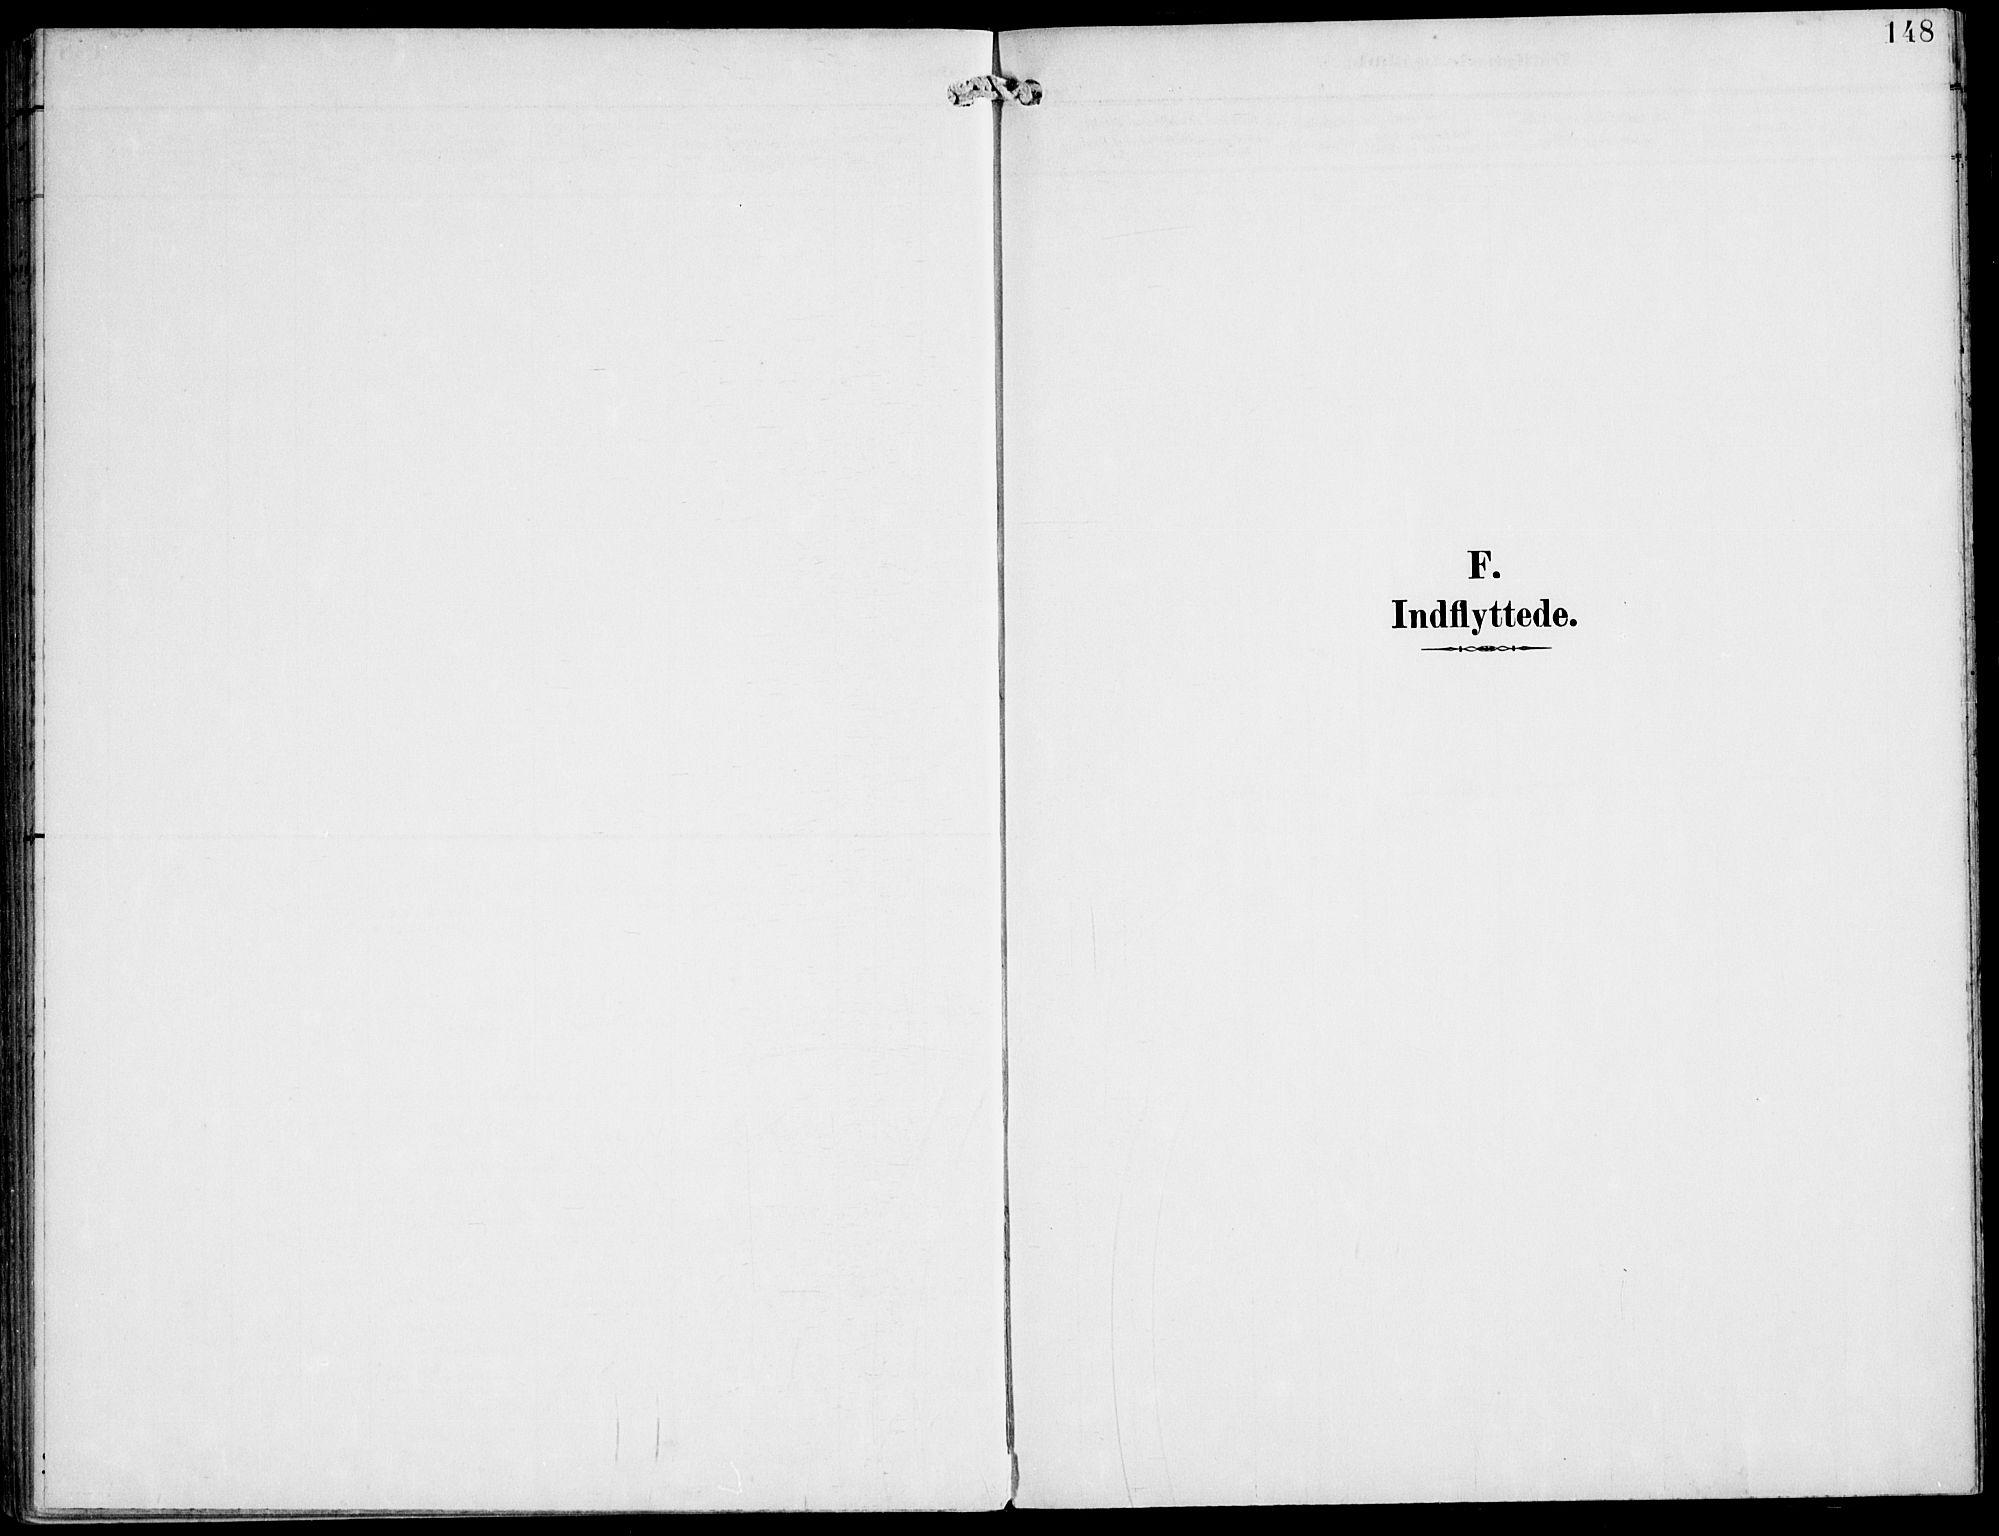 SAT, Ministerialprotokoller, klokkerbøker og fødselsregistre - Nord-Trøndelag, 745/L0430: Ministerialbok nr. 745A02, 1895-1913, s. 148